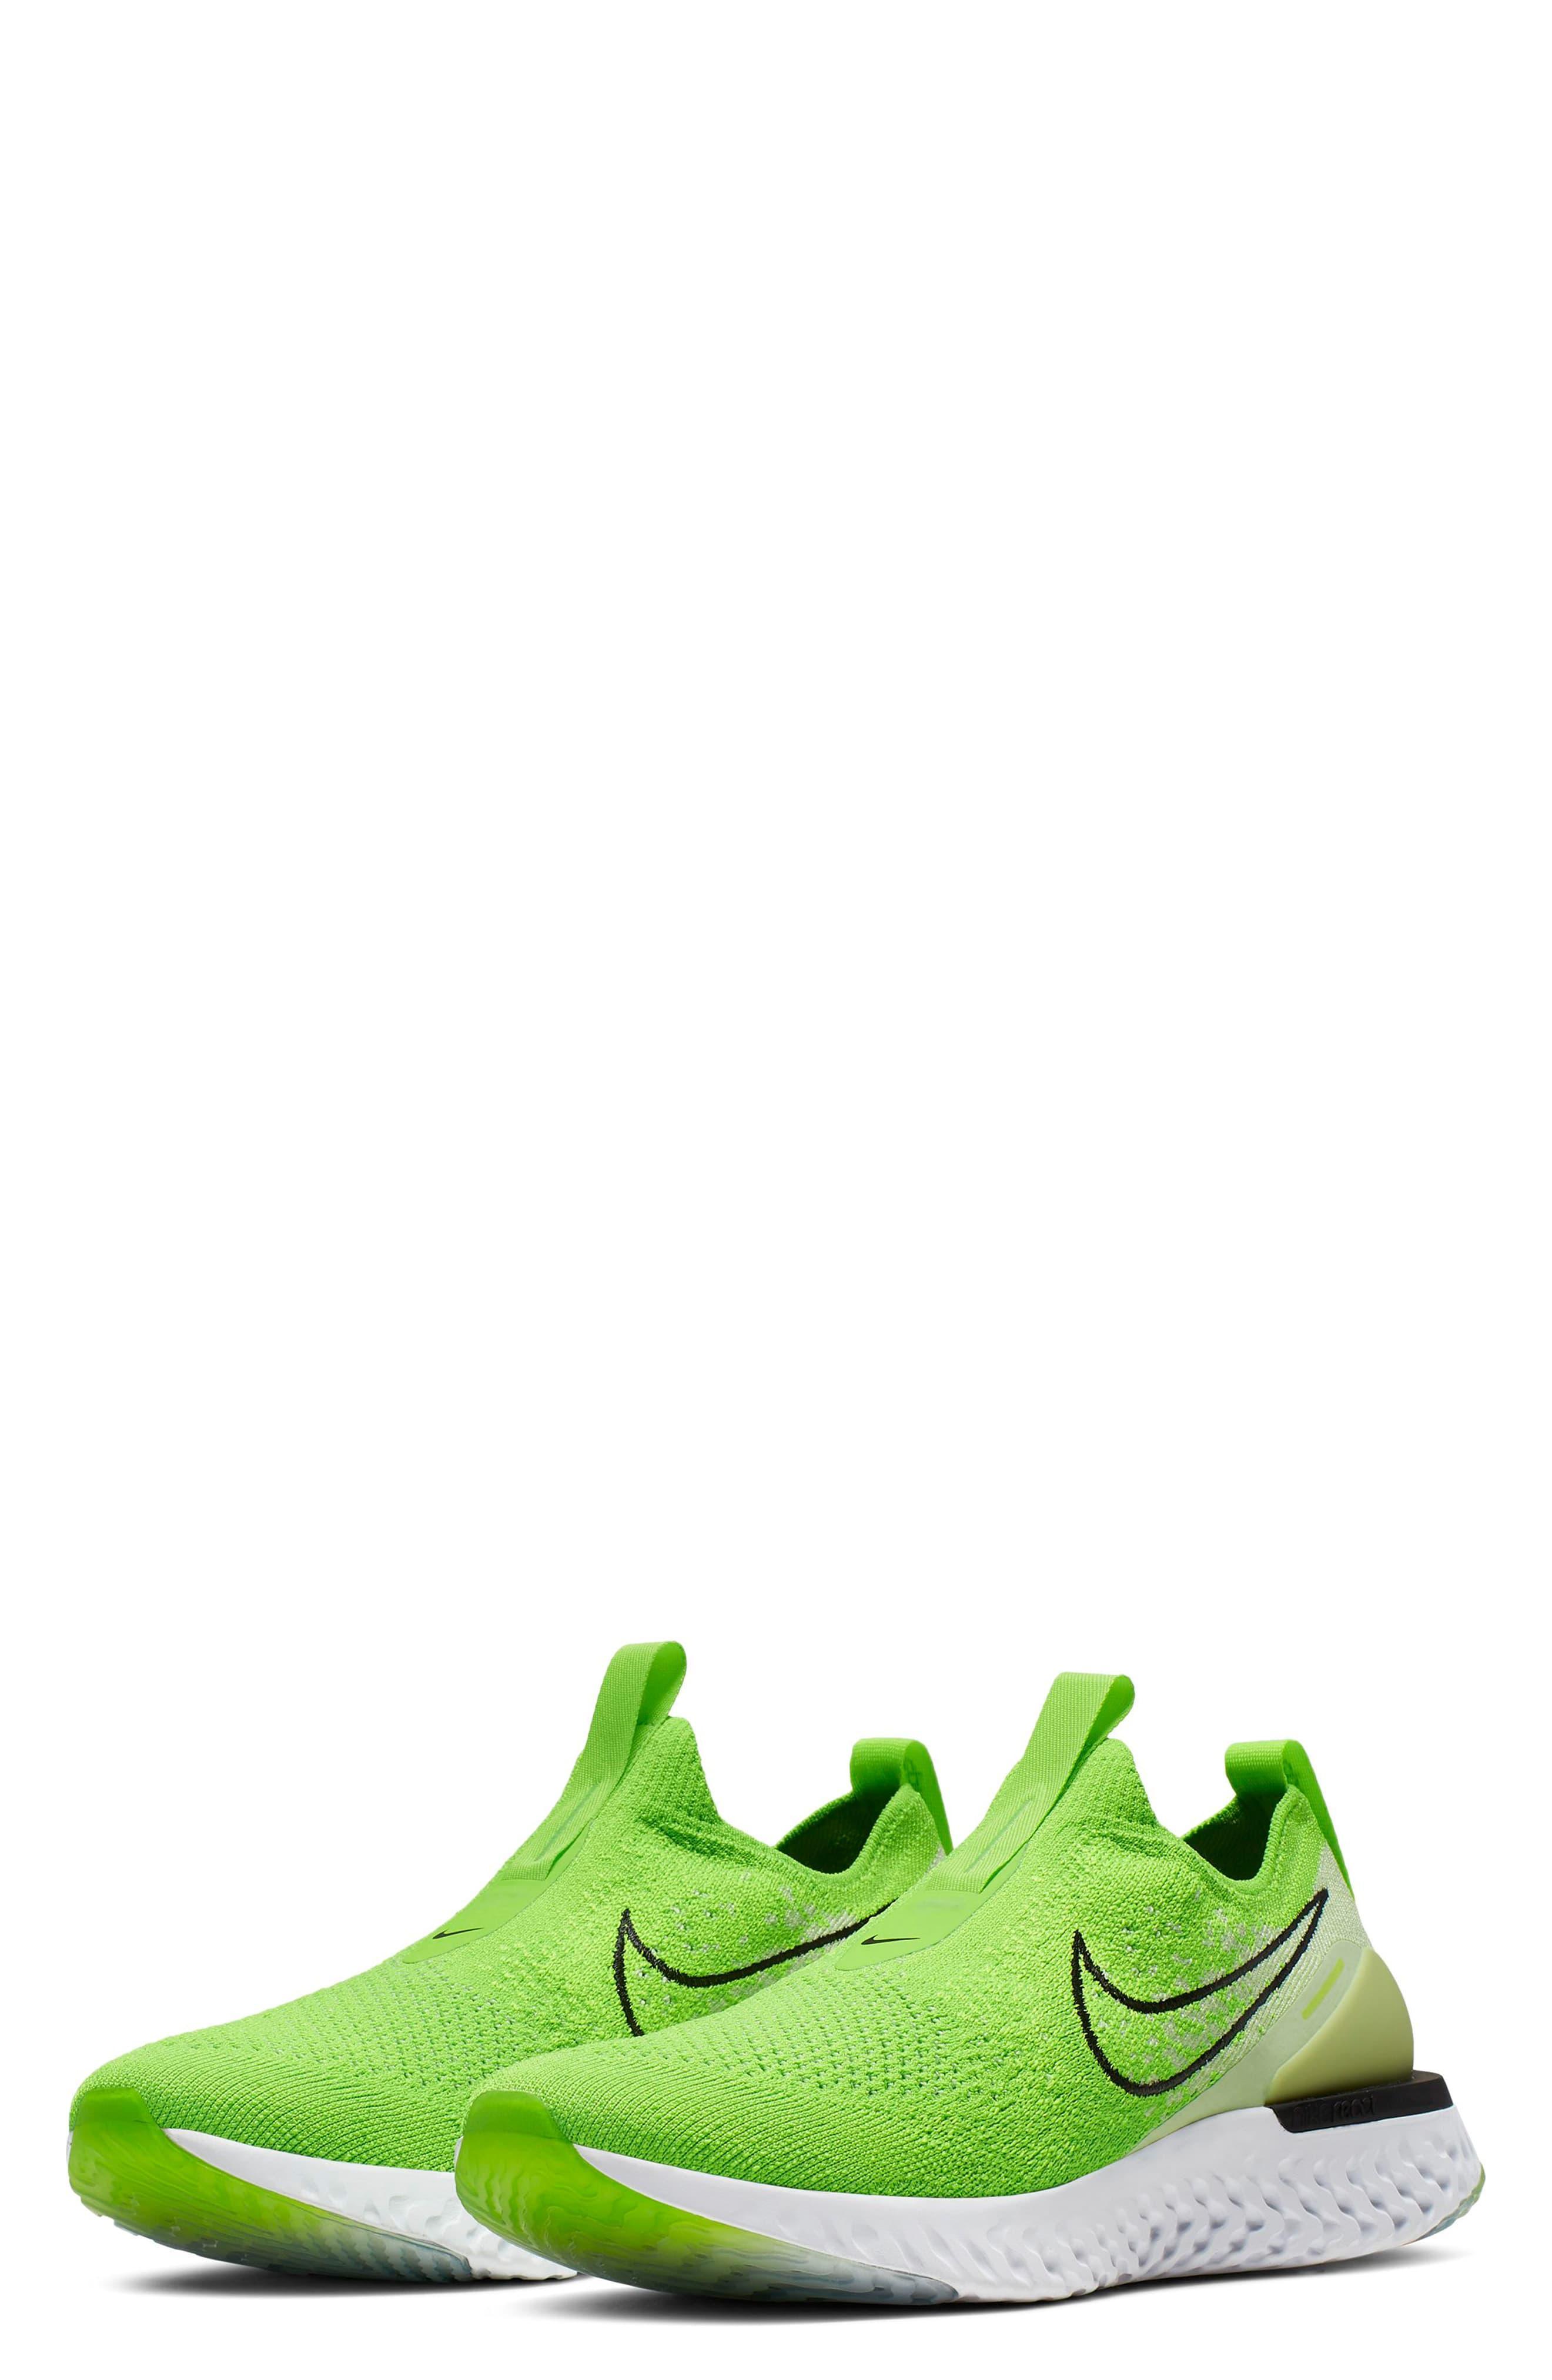 Women's Green Epic React Flyknit Running Shoe